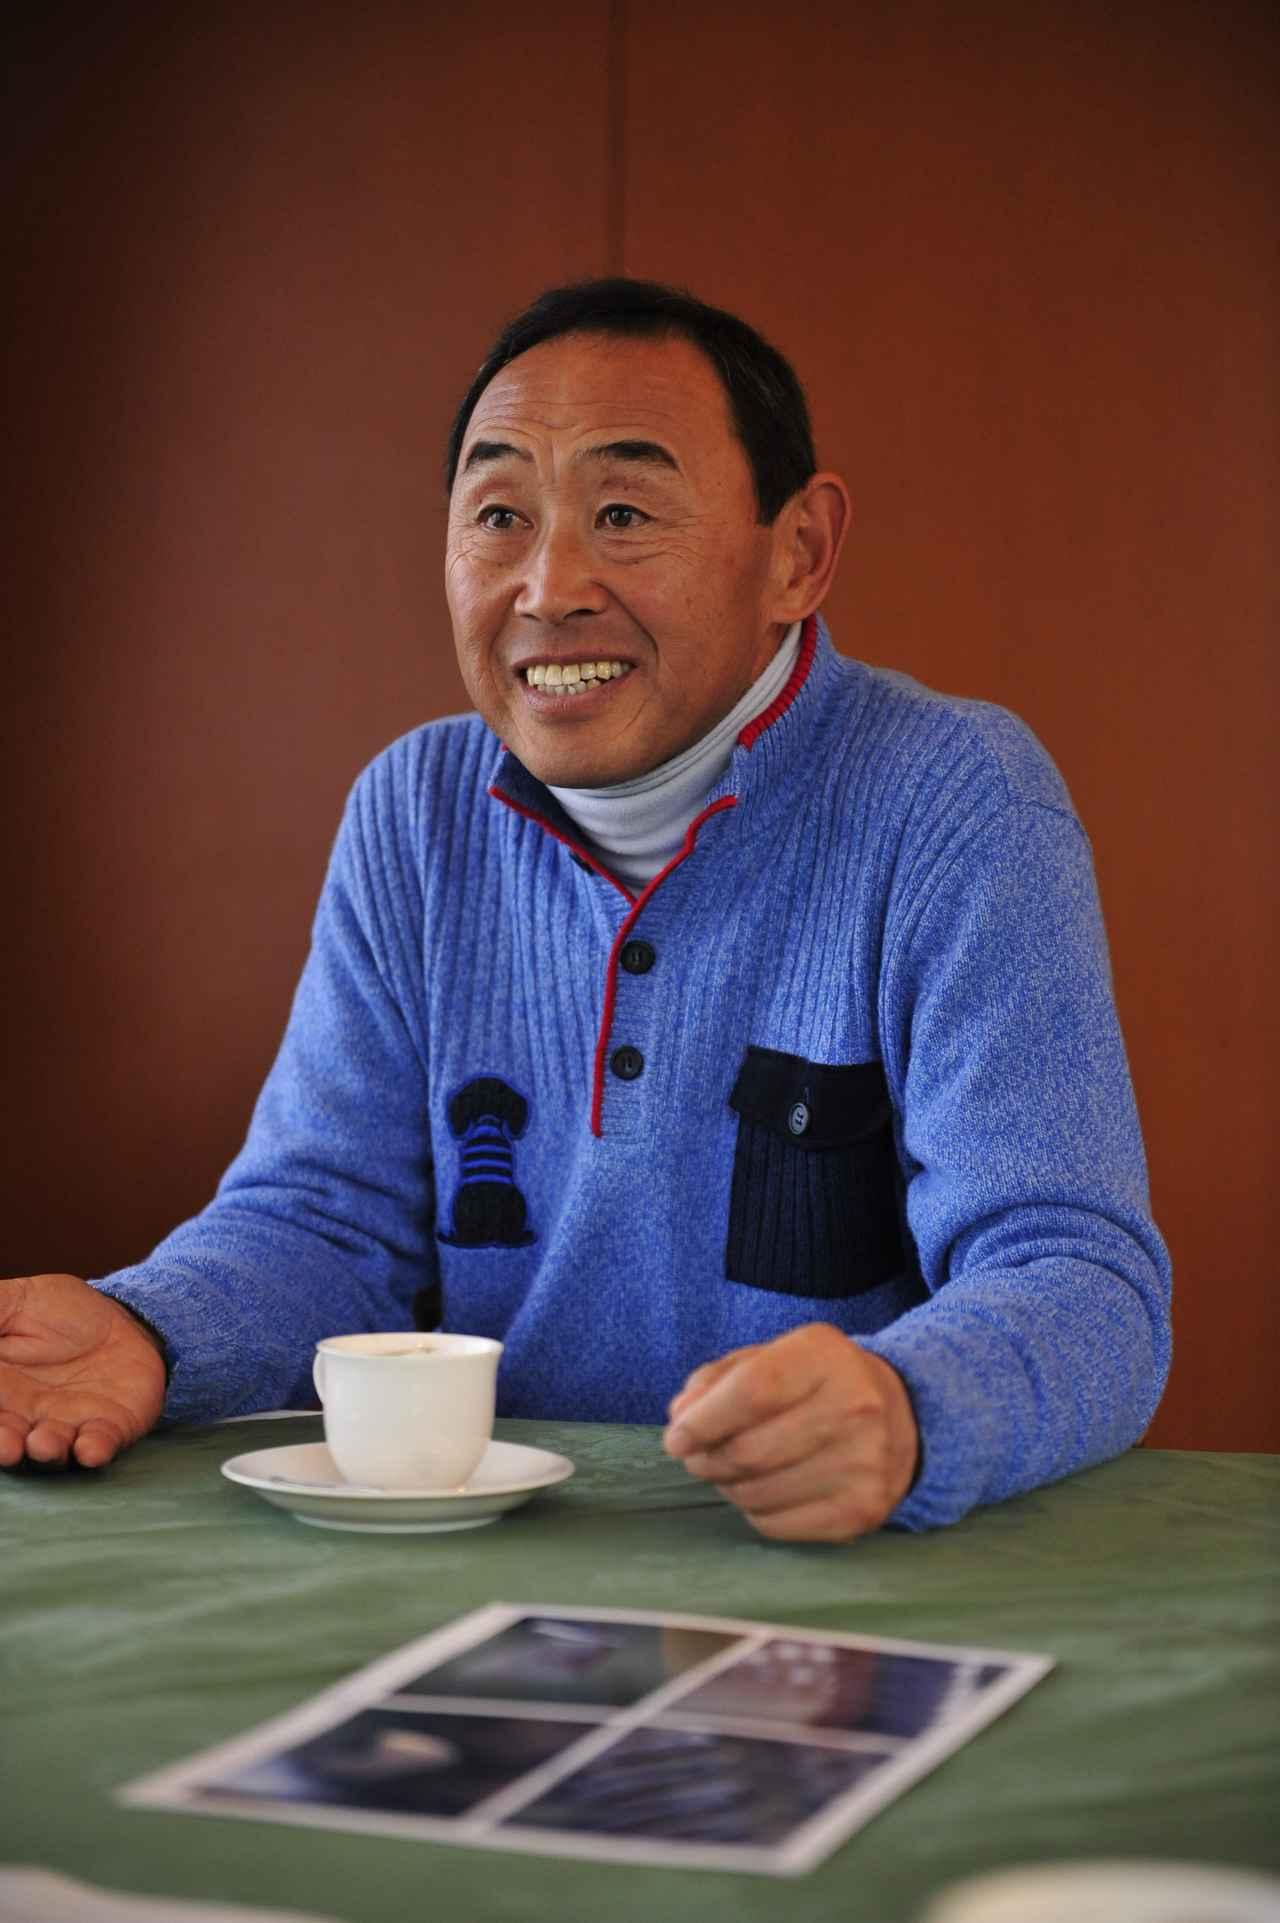 画像: 高橋勝成プロ 83年から15年連続シード選手として活躍し、ツアー通算10勝